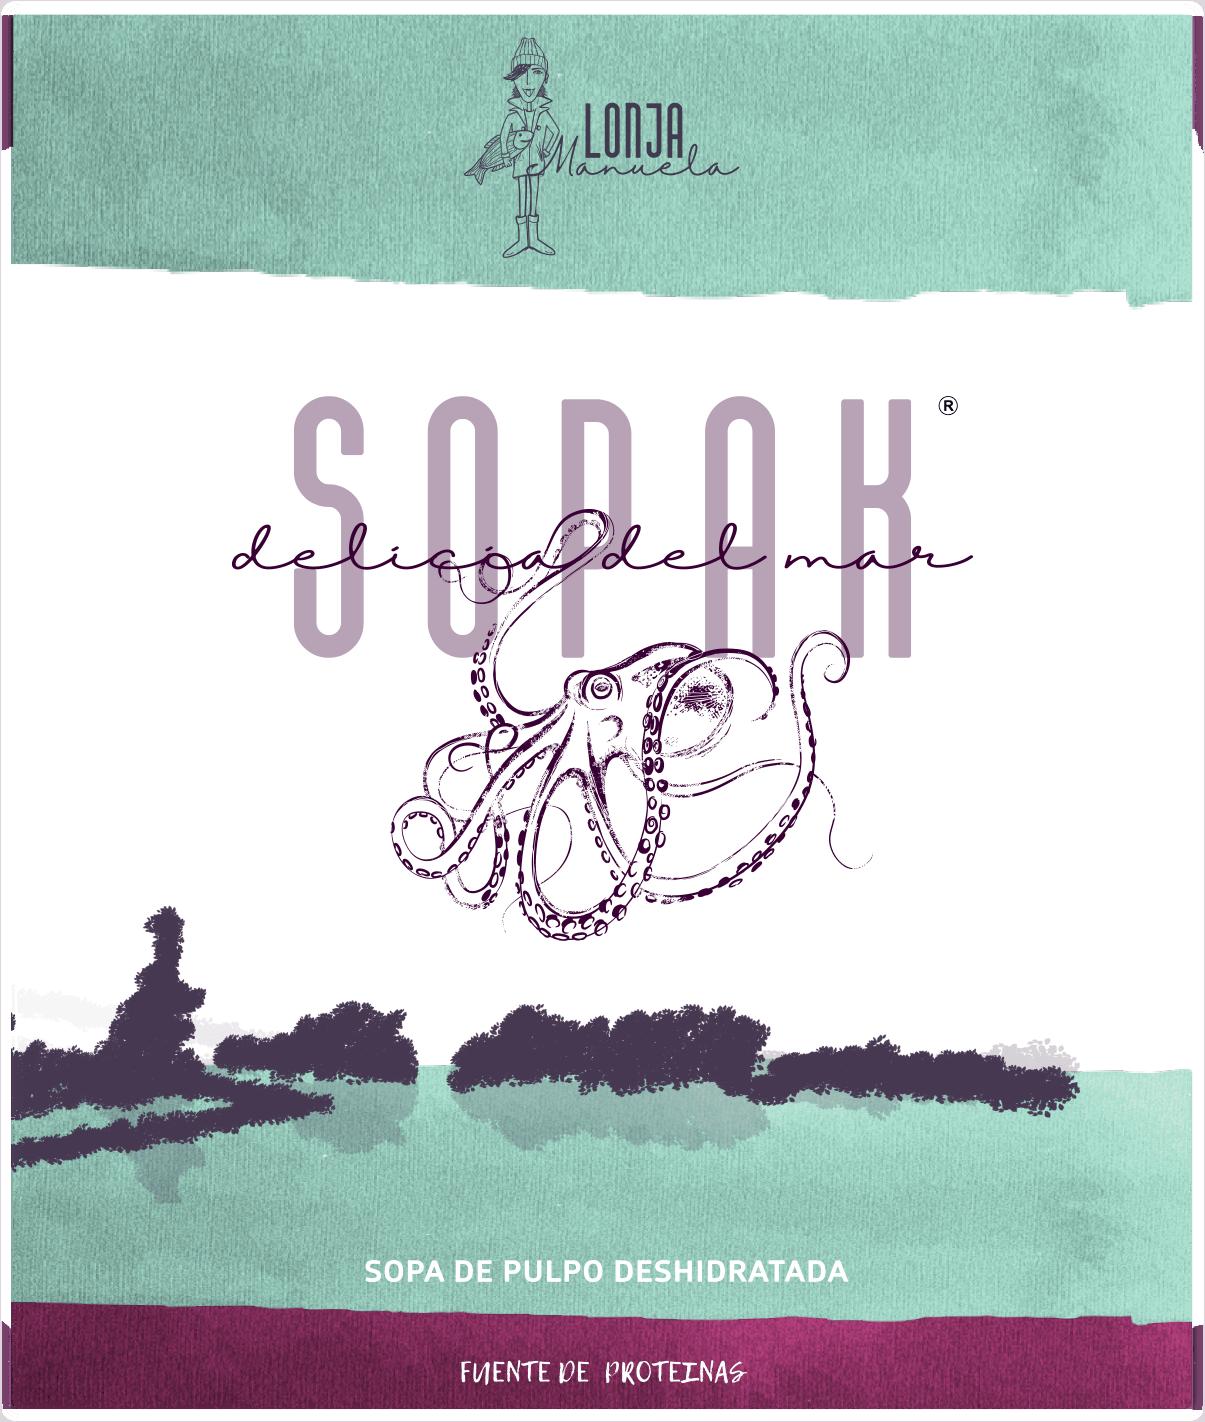 Empaque de Sopak- Delicia-del-mar